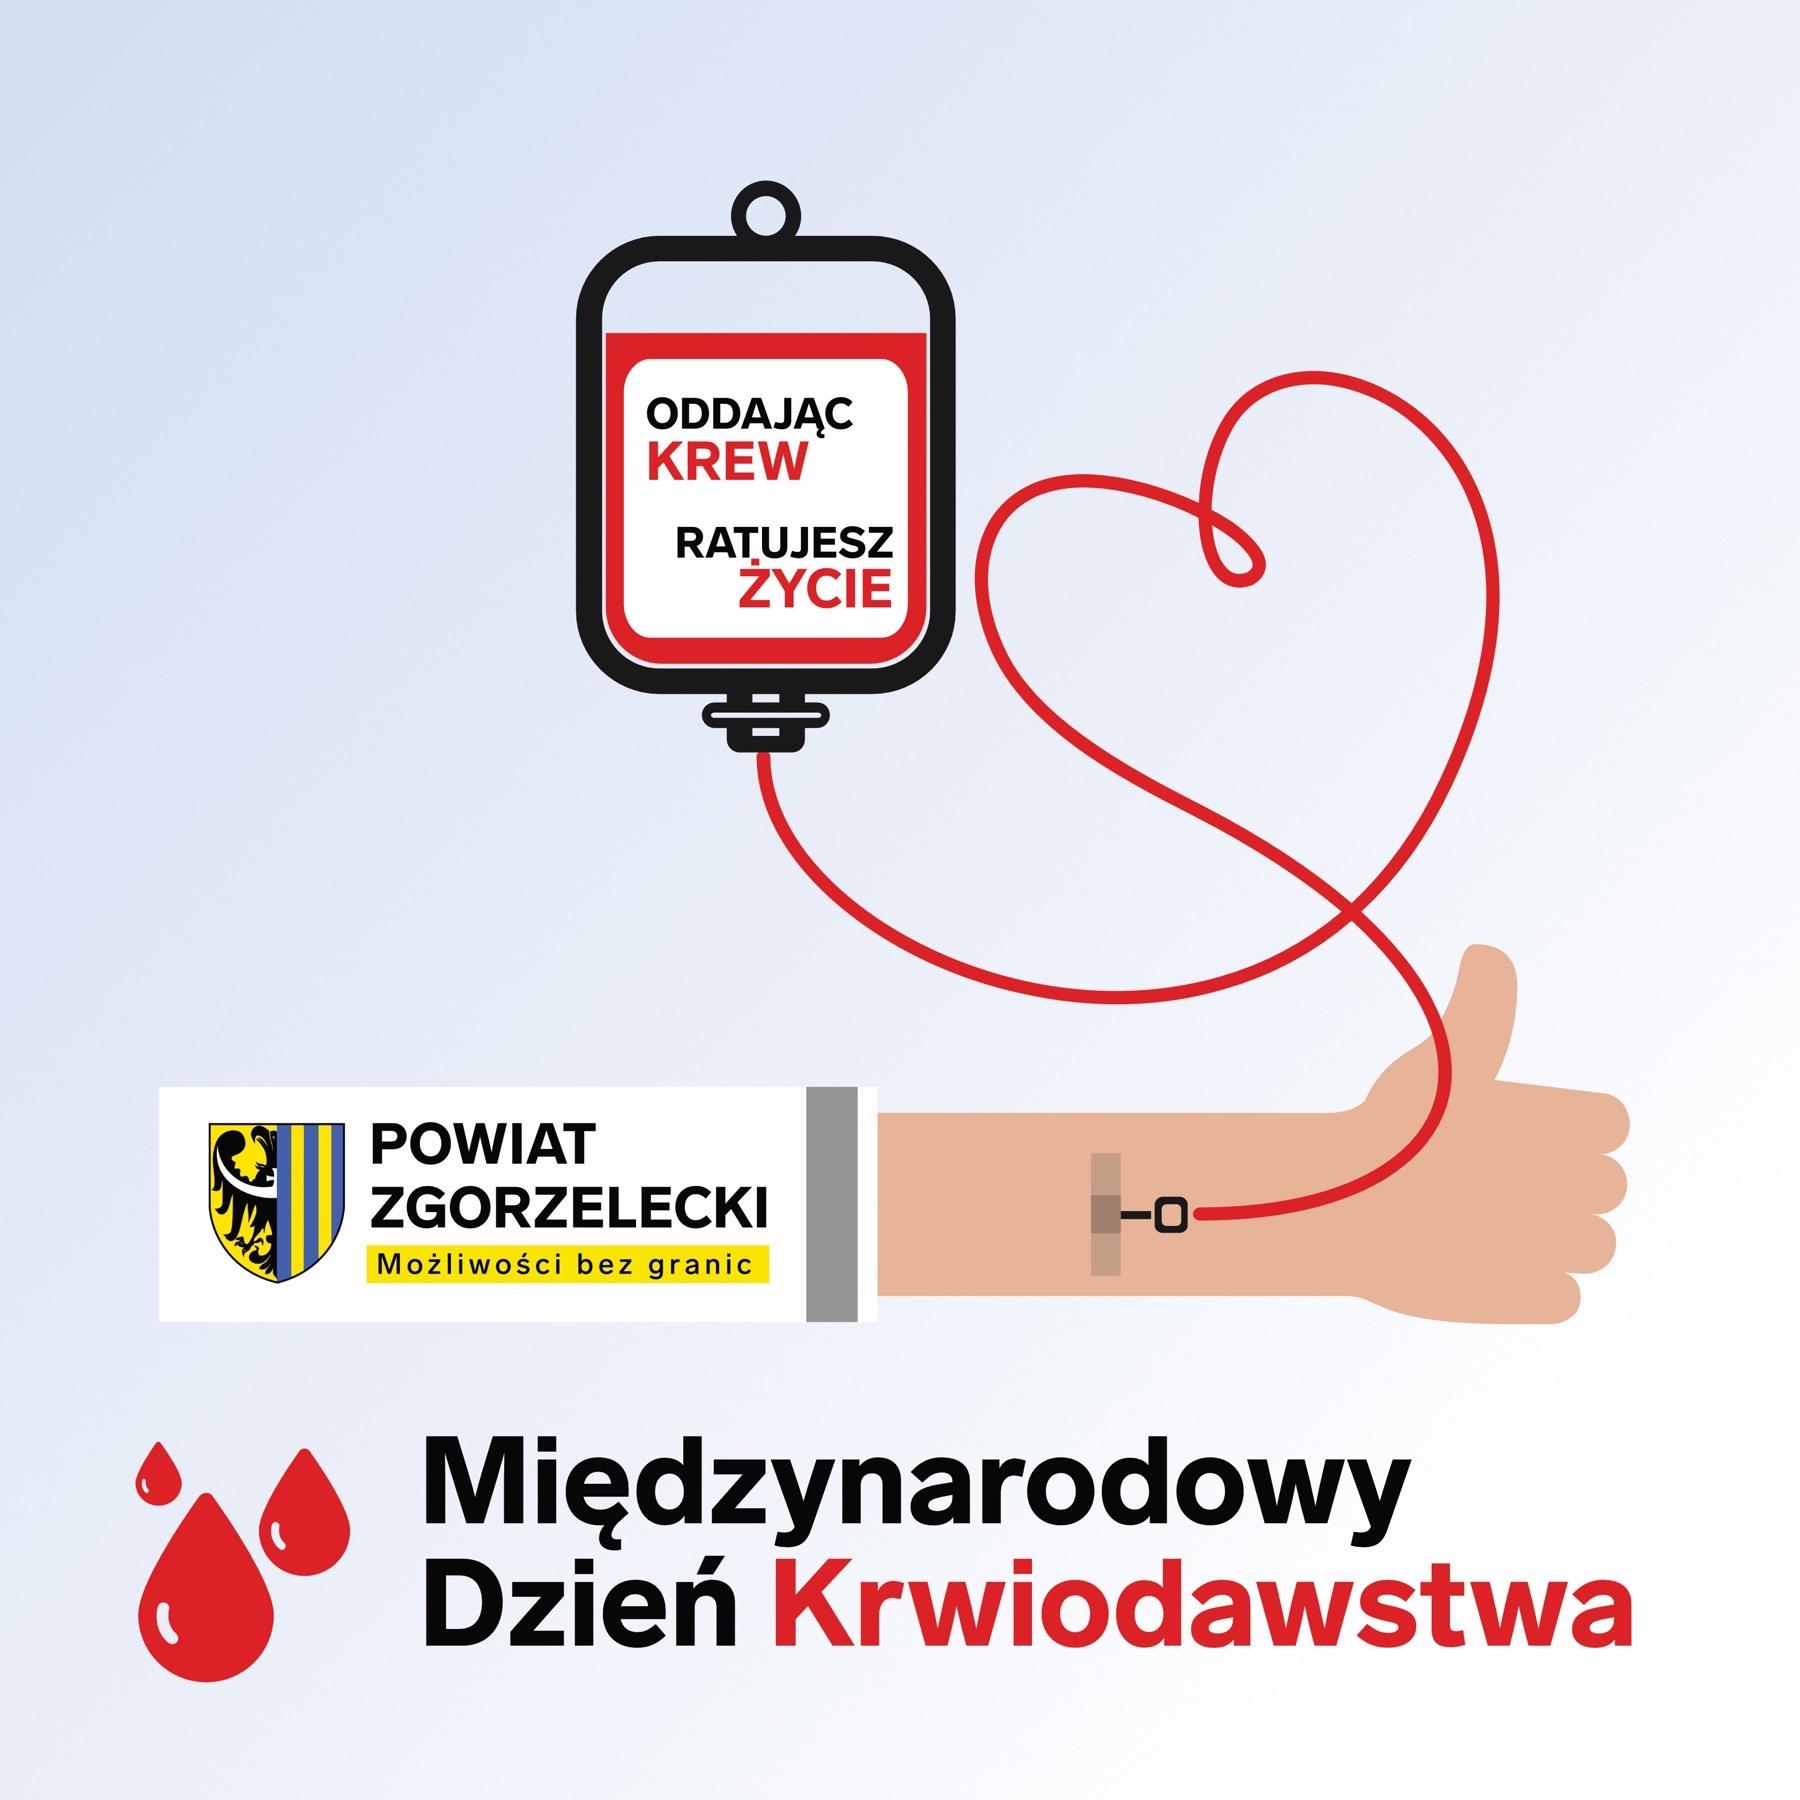 Międzynarodowy Dzień Krwiodawstwa